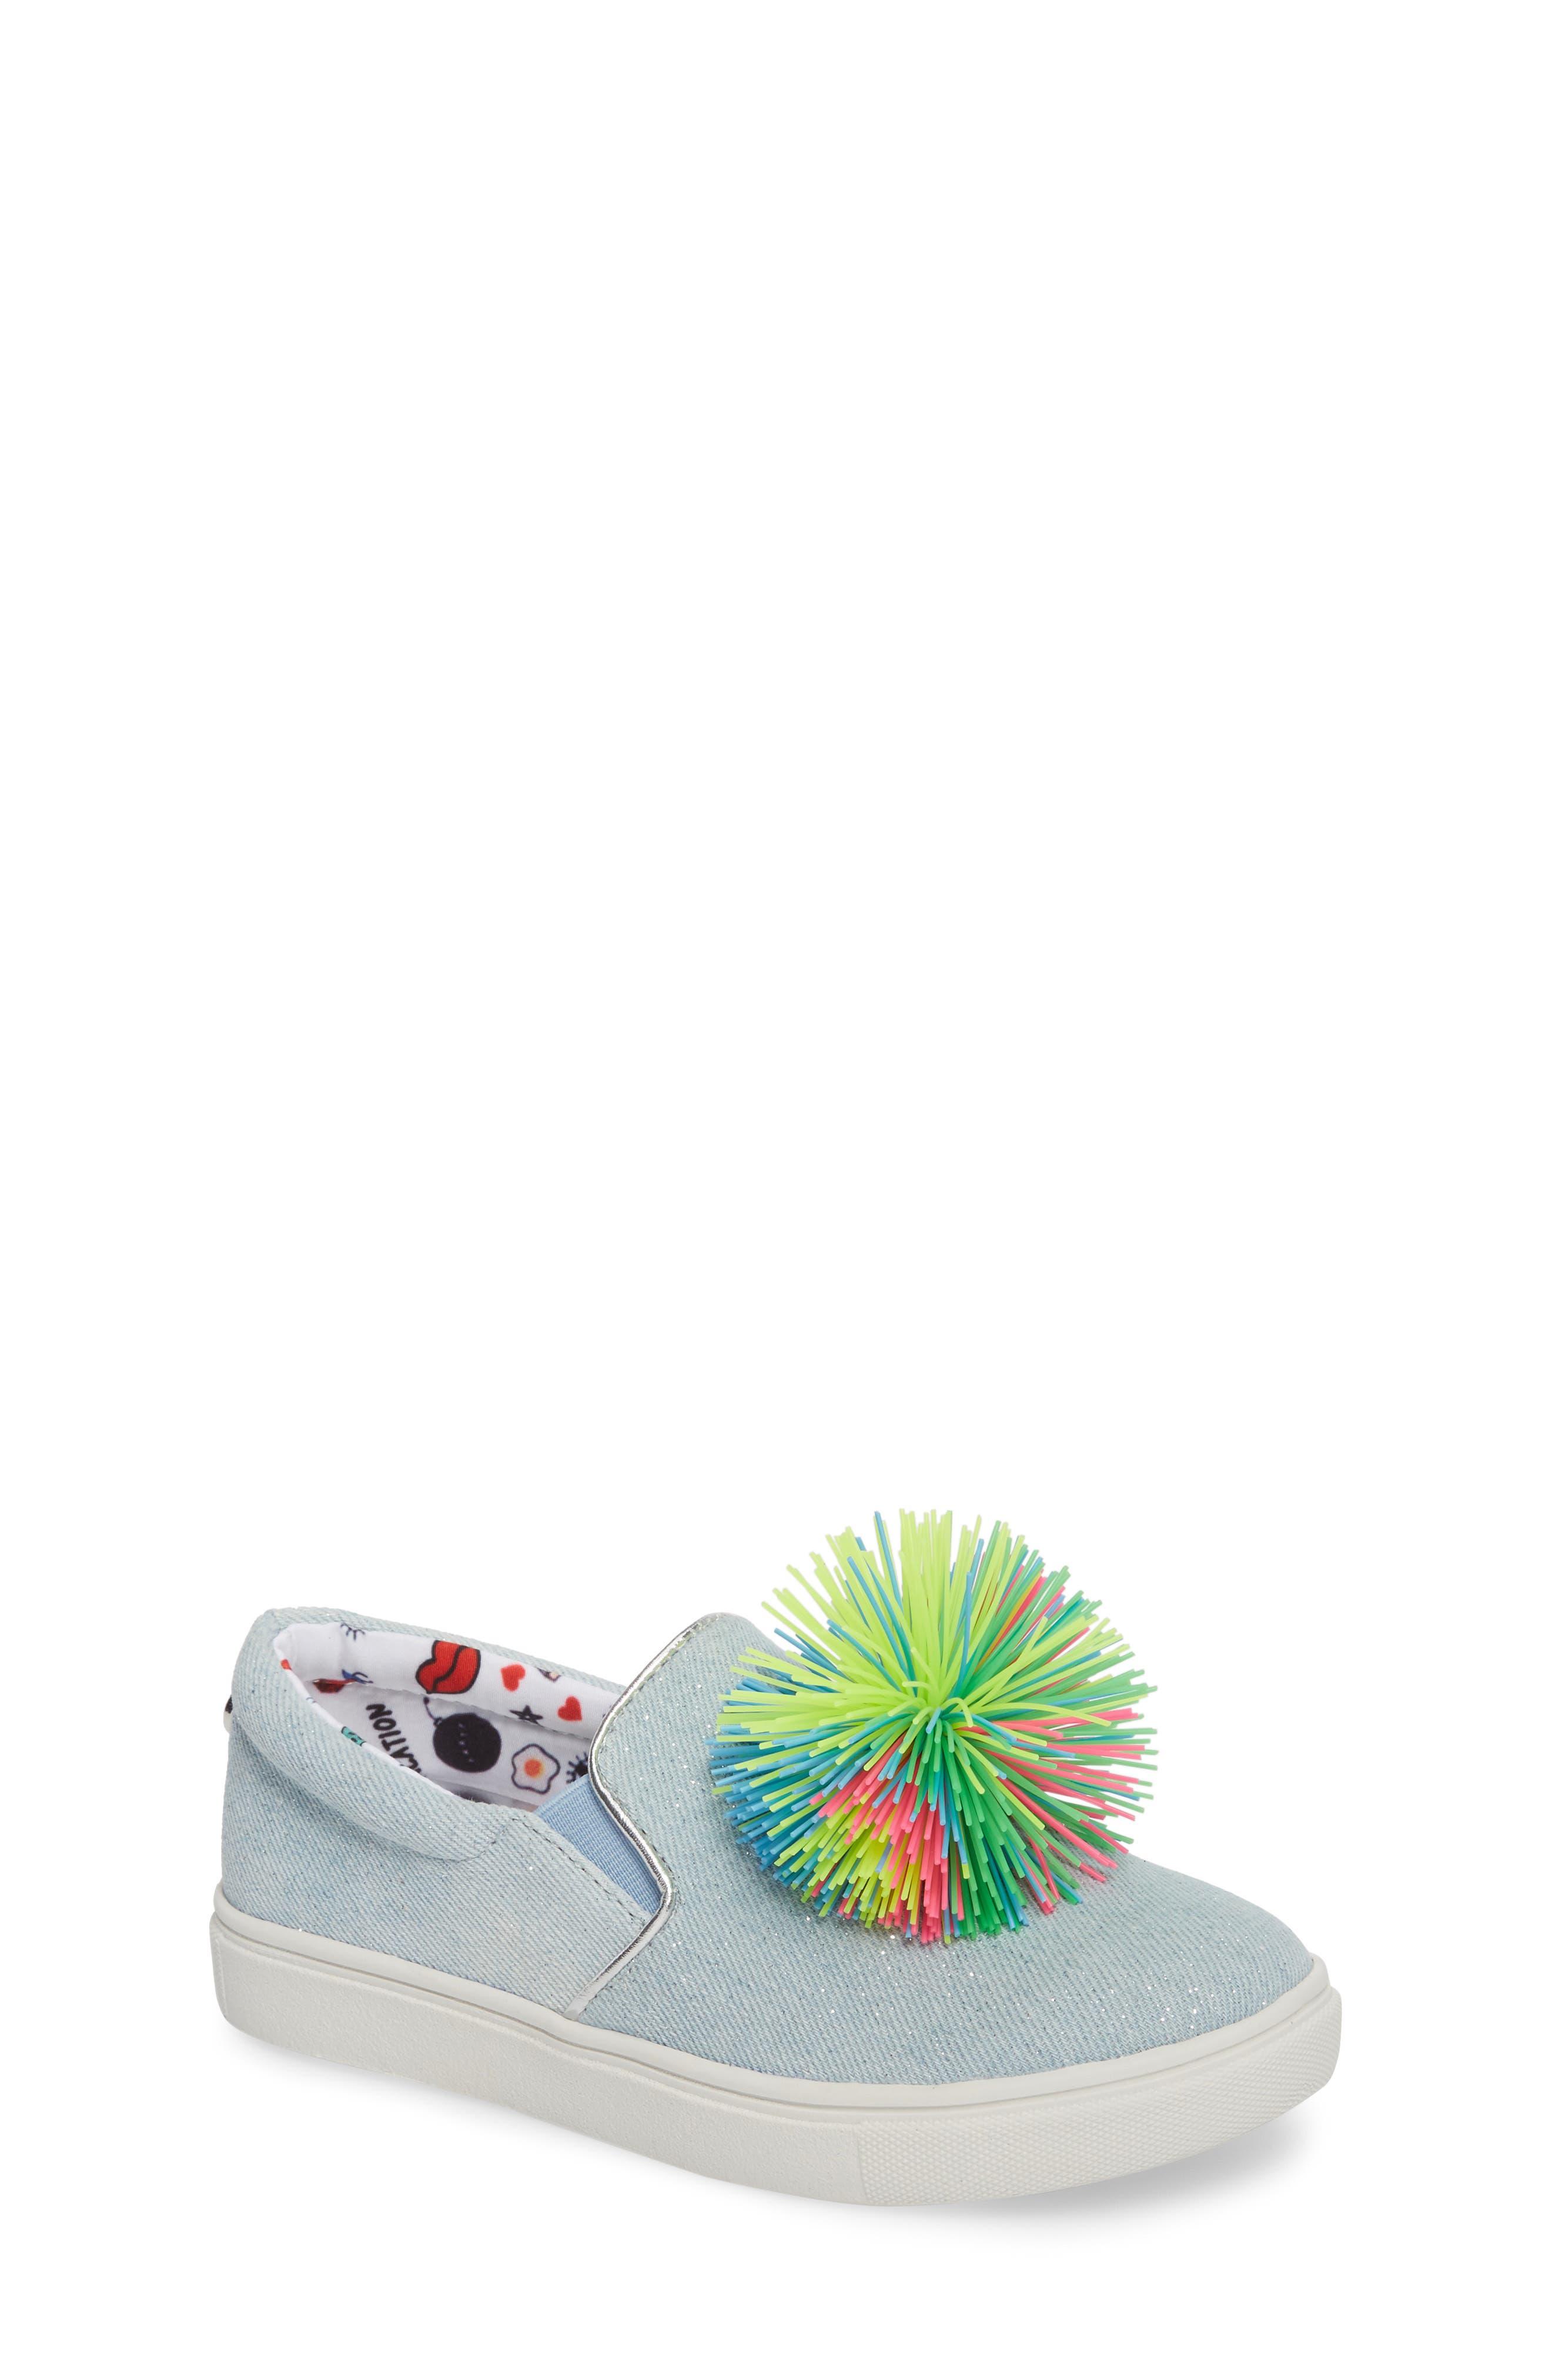 Steve Madden Pompom Slip-On Sneaker (Little Kid & Big Kid)